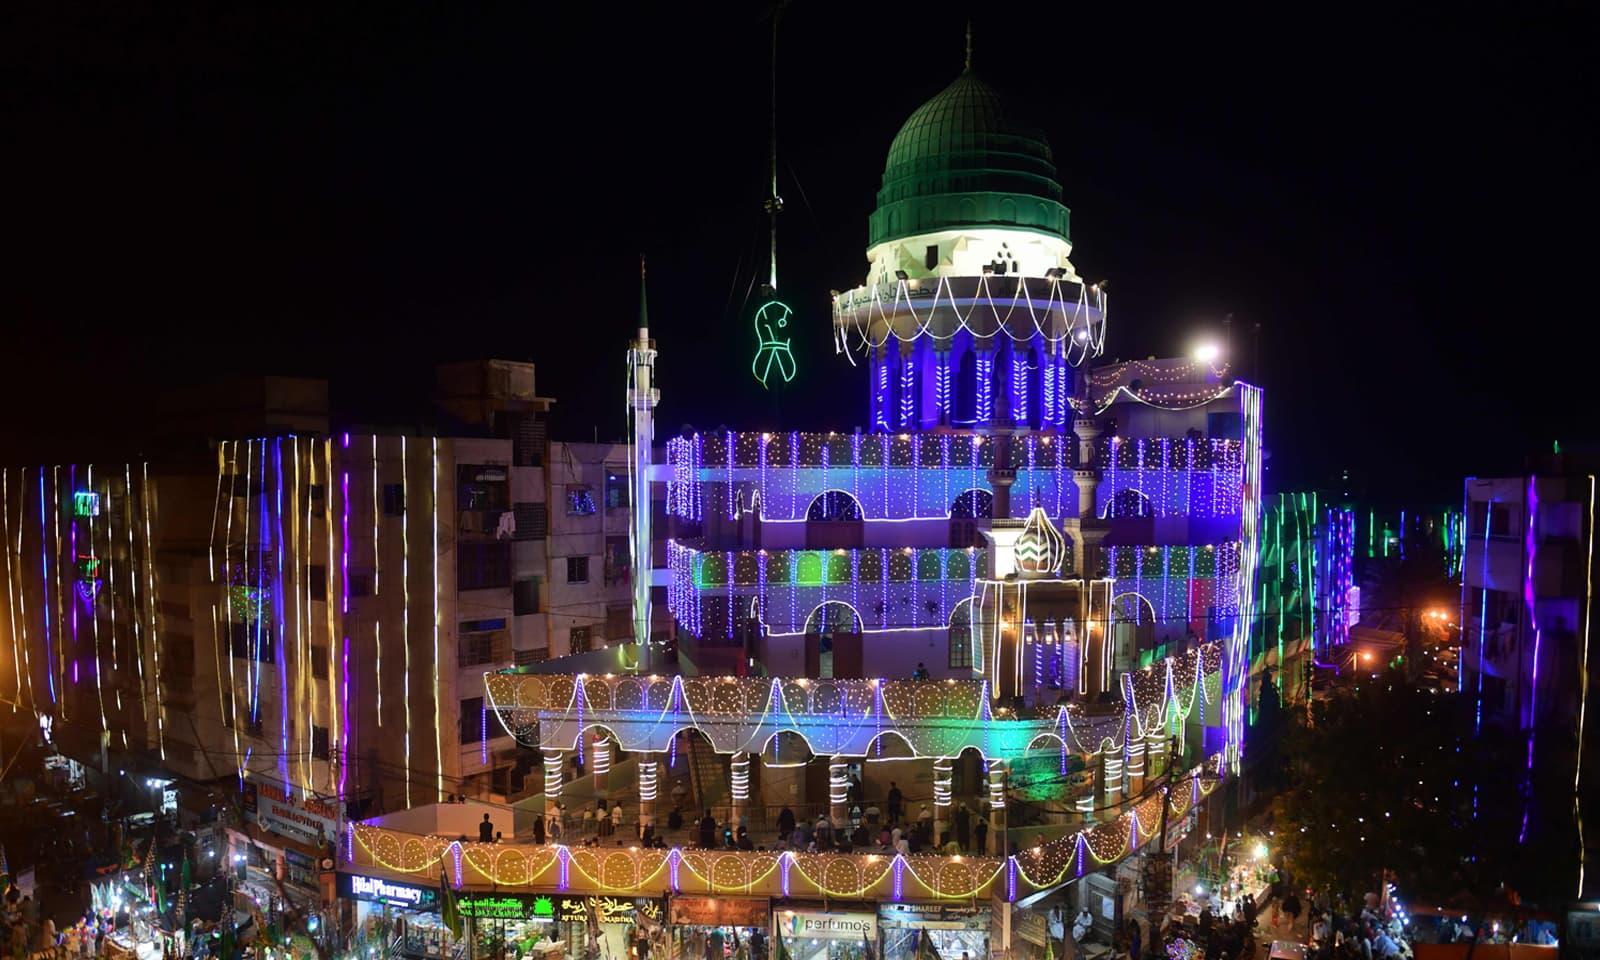 عید میلاالنبیﷺ کے موقع پر کراچی  میں علاقوں کو  برقی قمقموں سے سجایا گیا — فوٹو: اے ایف پی